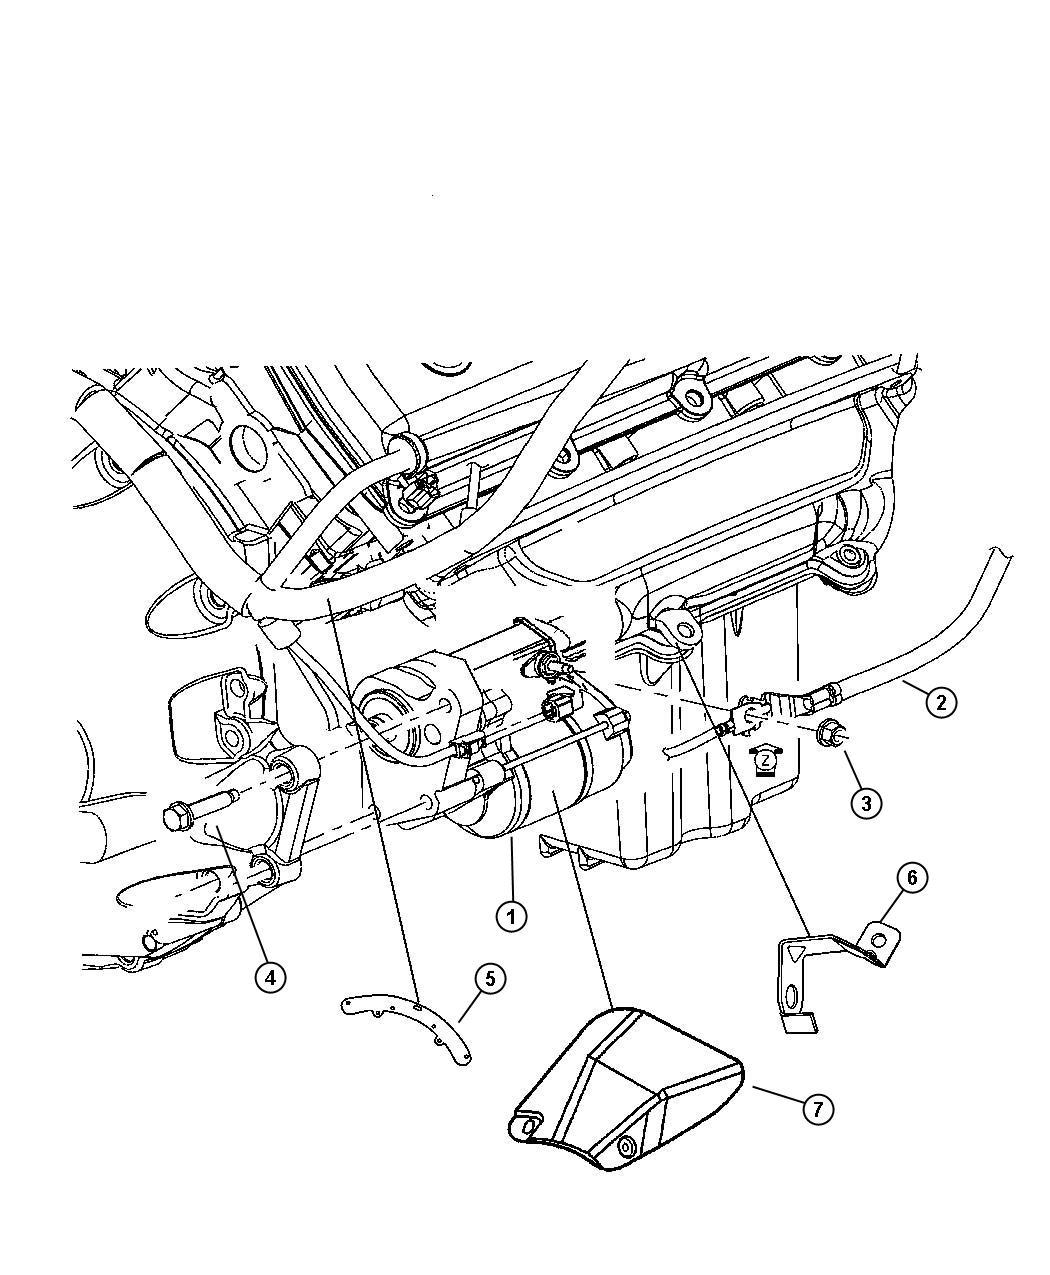 2005 Chrysler 300 Starter. Engine. Hemi, related, mds